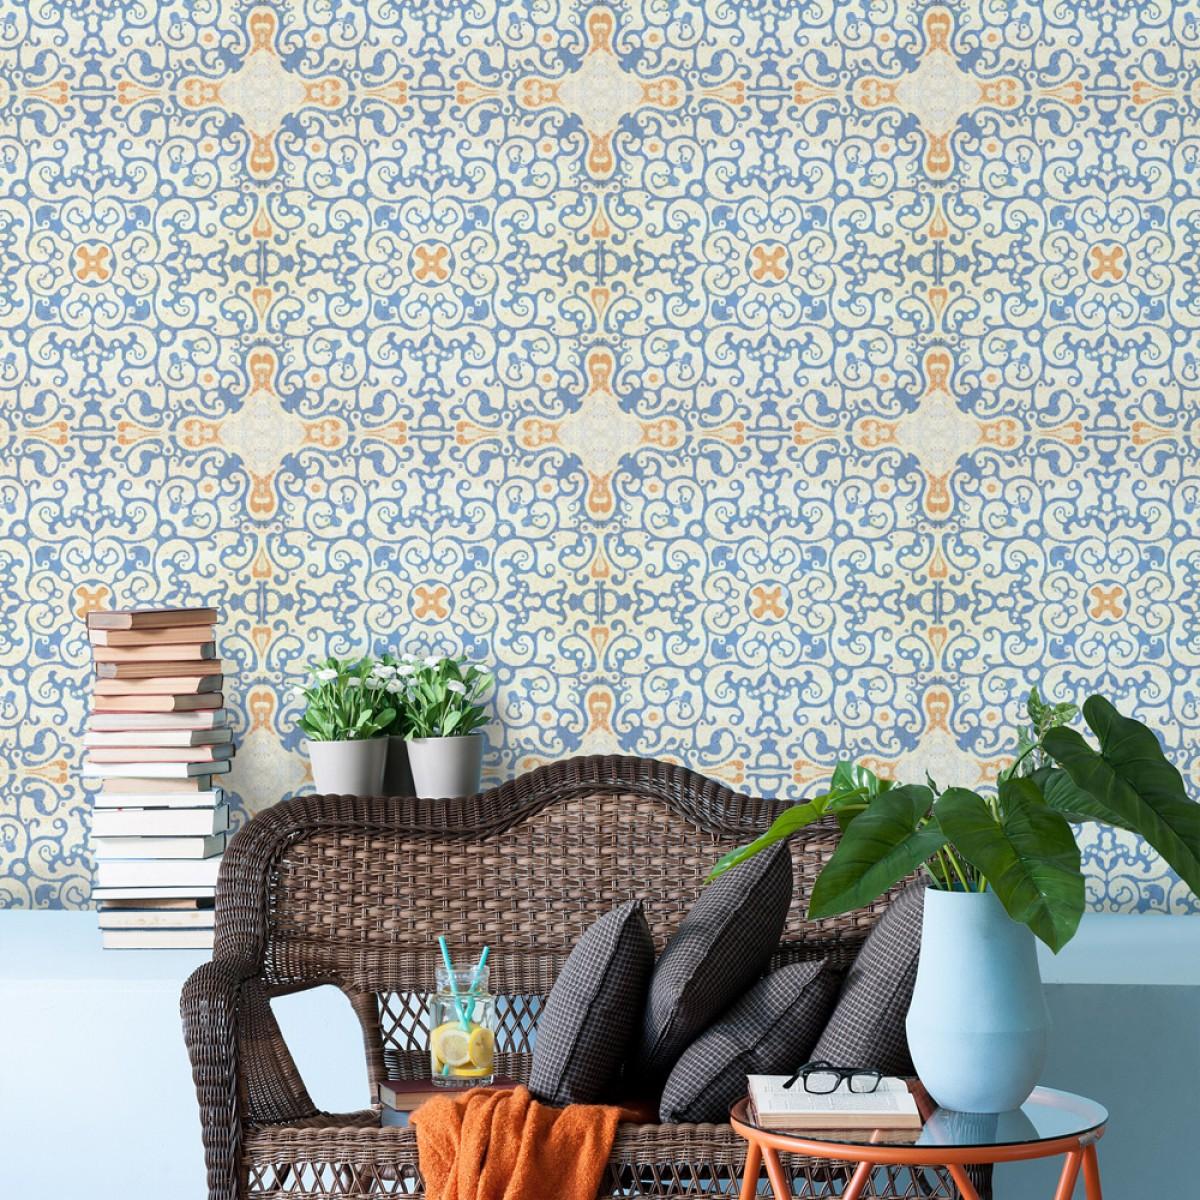 Tapet designer World Culture Spanish Tile, MINDTHEGAP